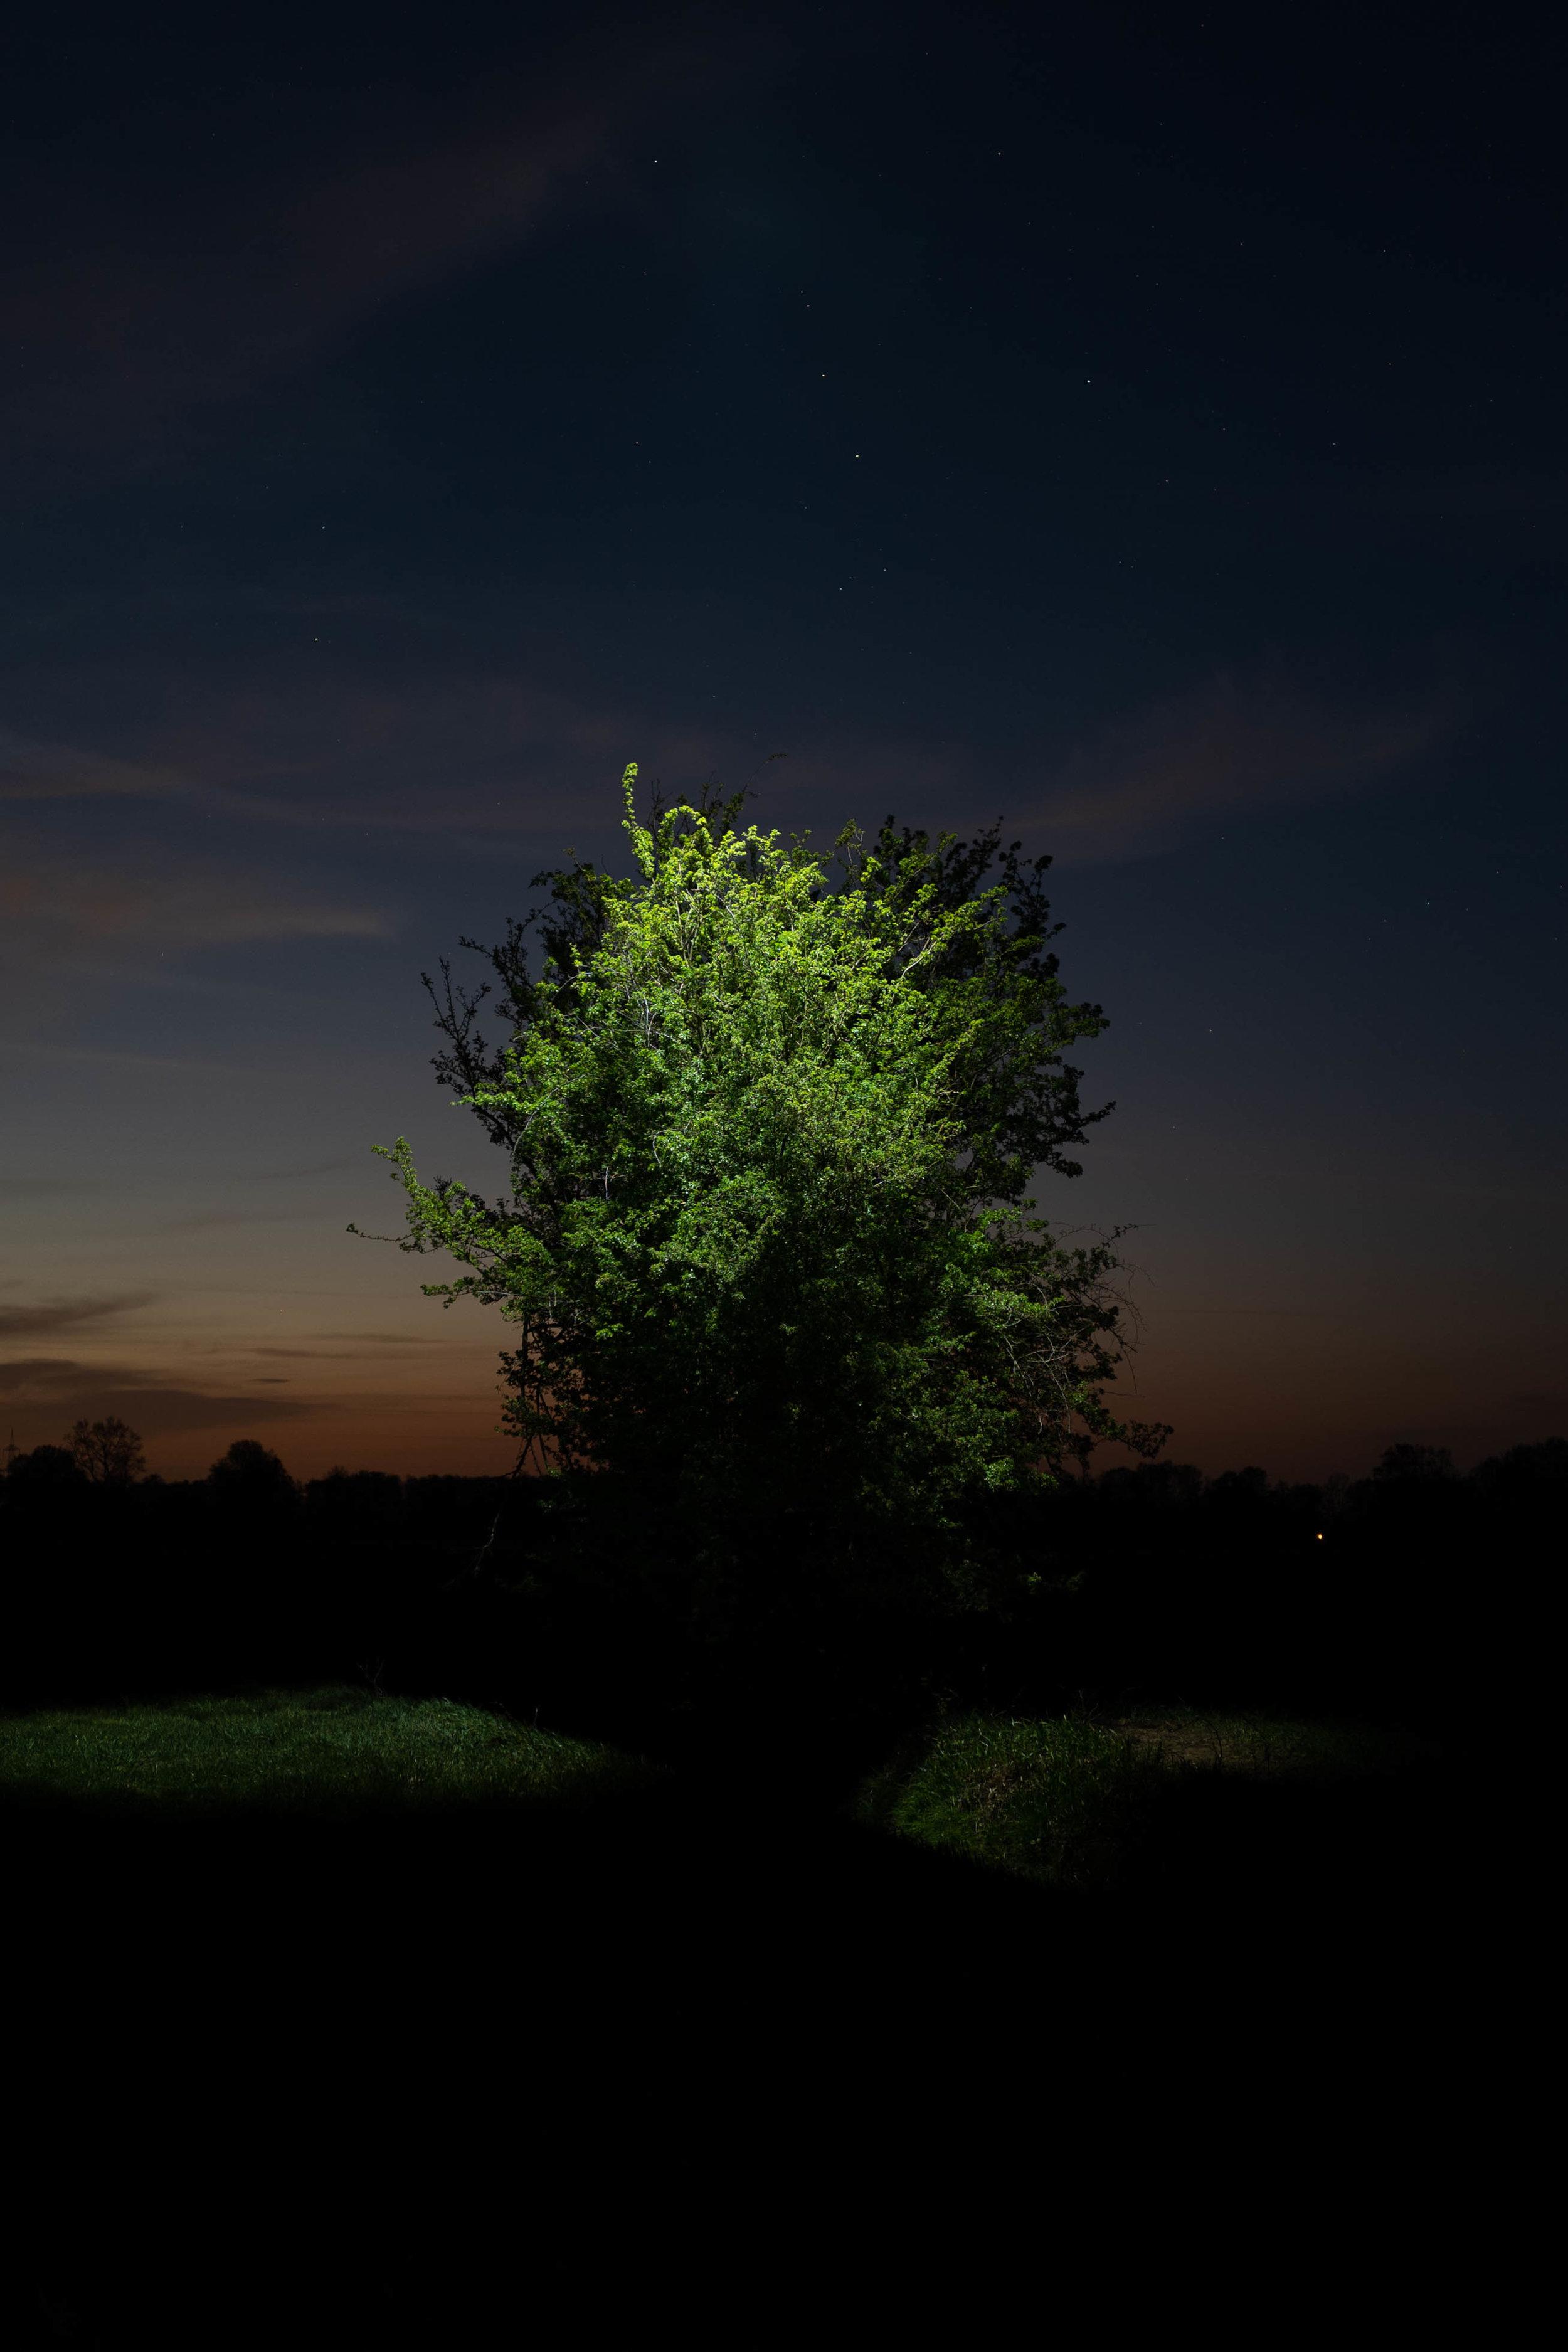 19/17 - Baum im Dunklen